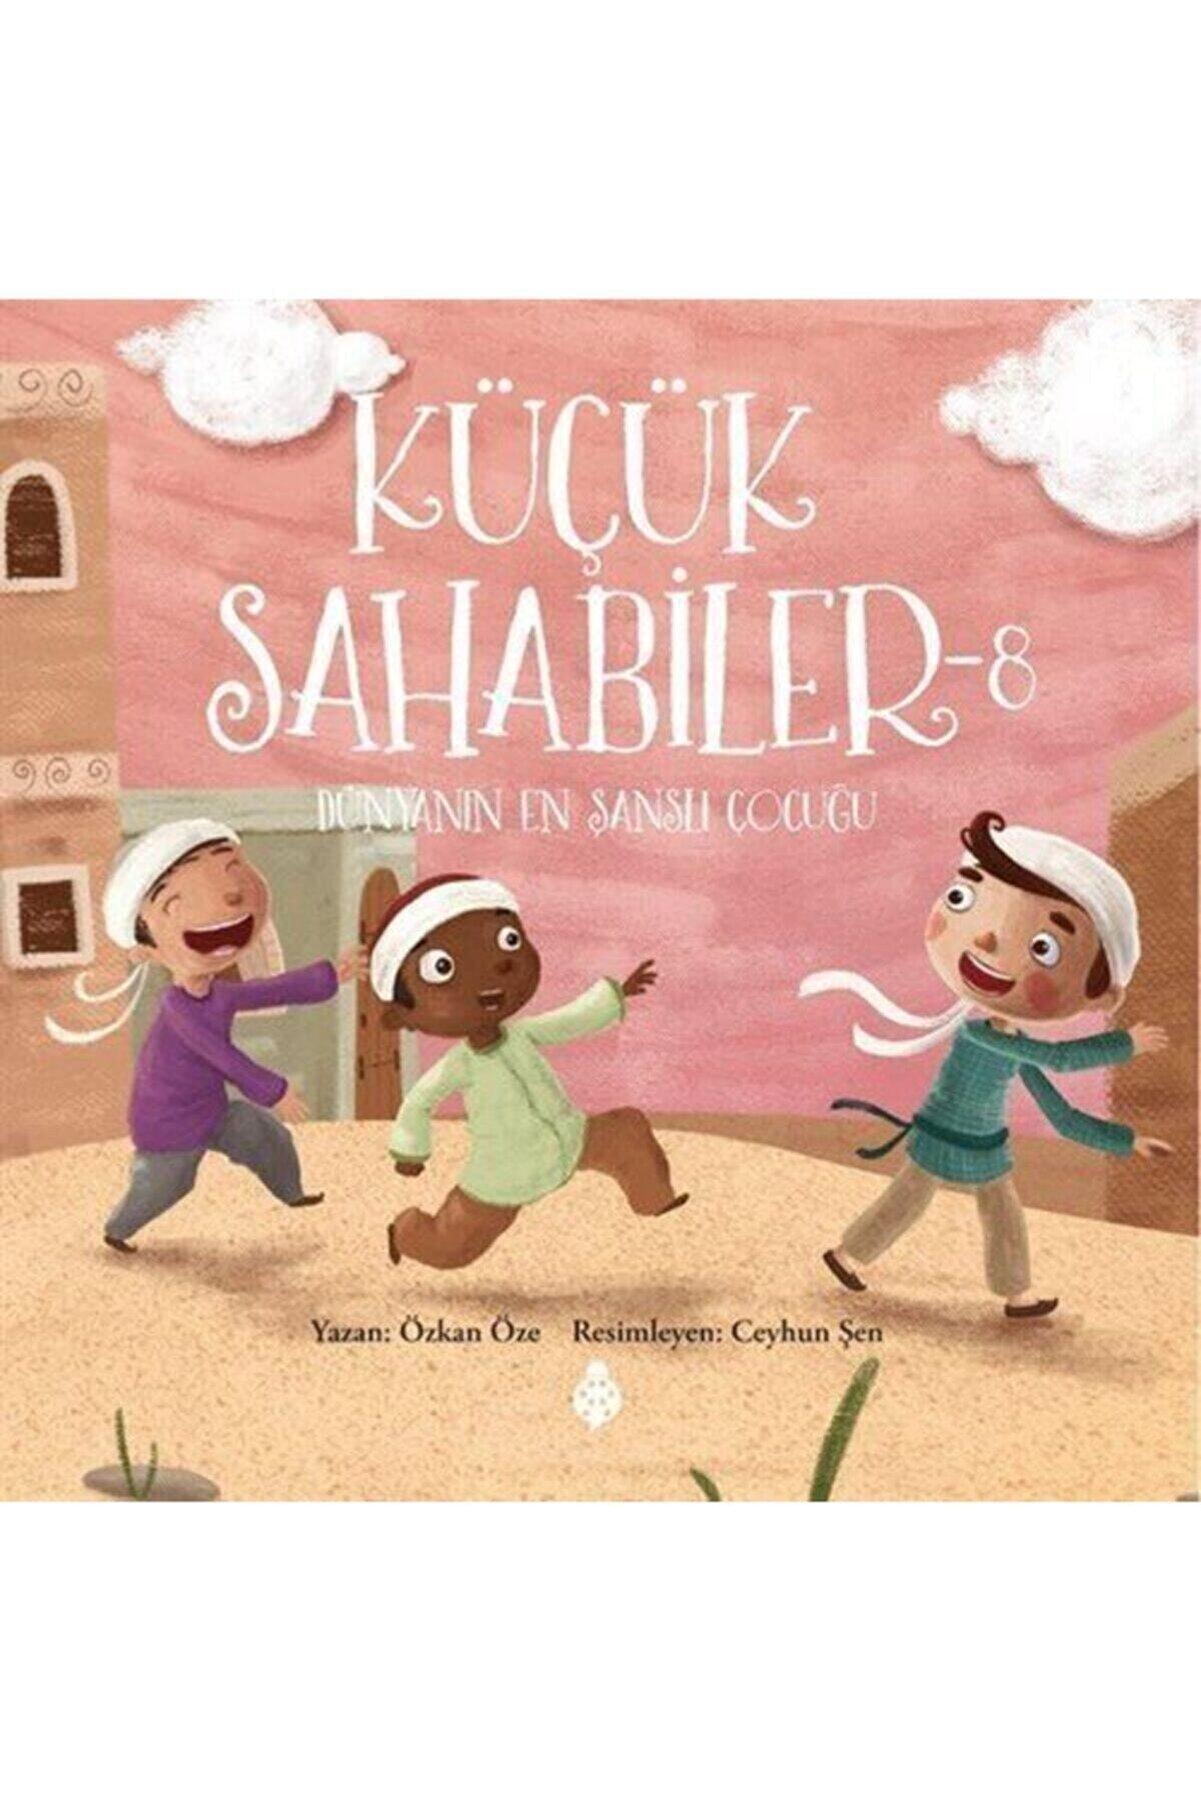 Uğurböceği Yayınları Küçük Sahabiler 8 Dünyanın En Şanslı Çocuğu